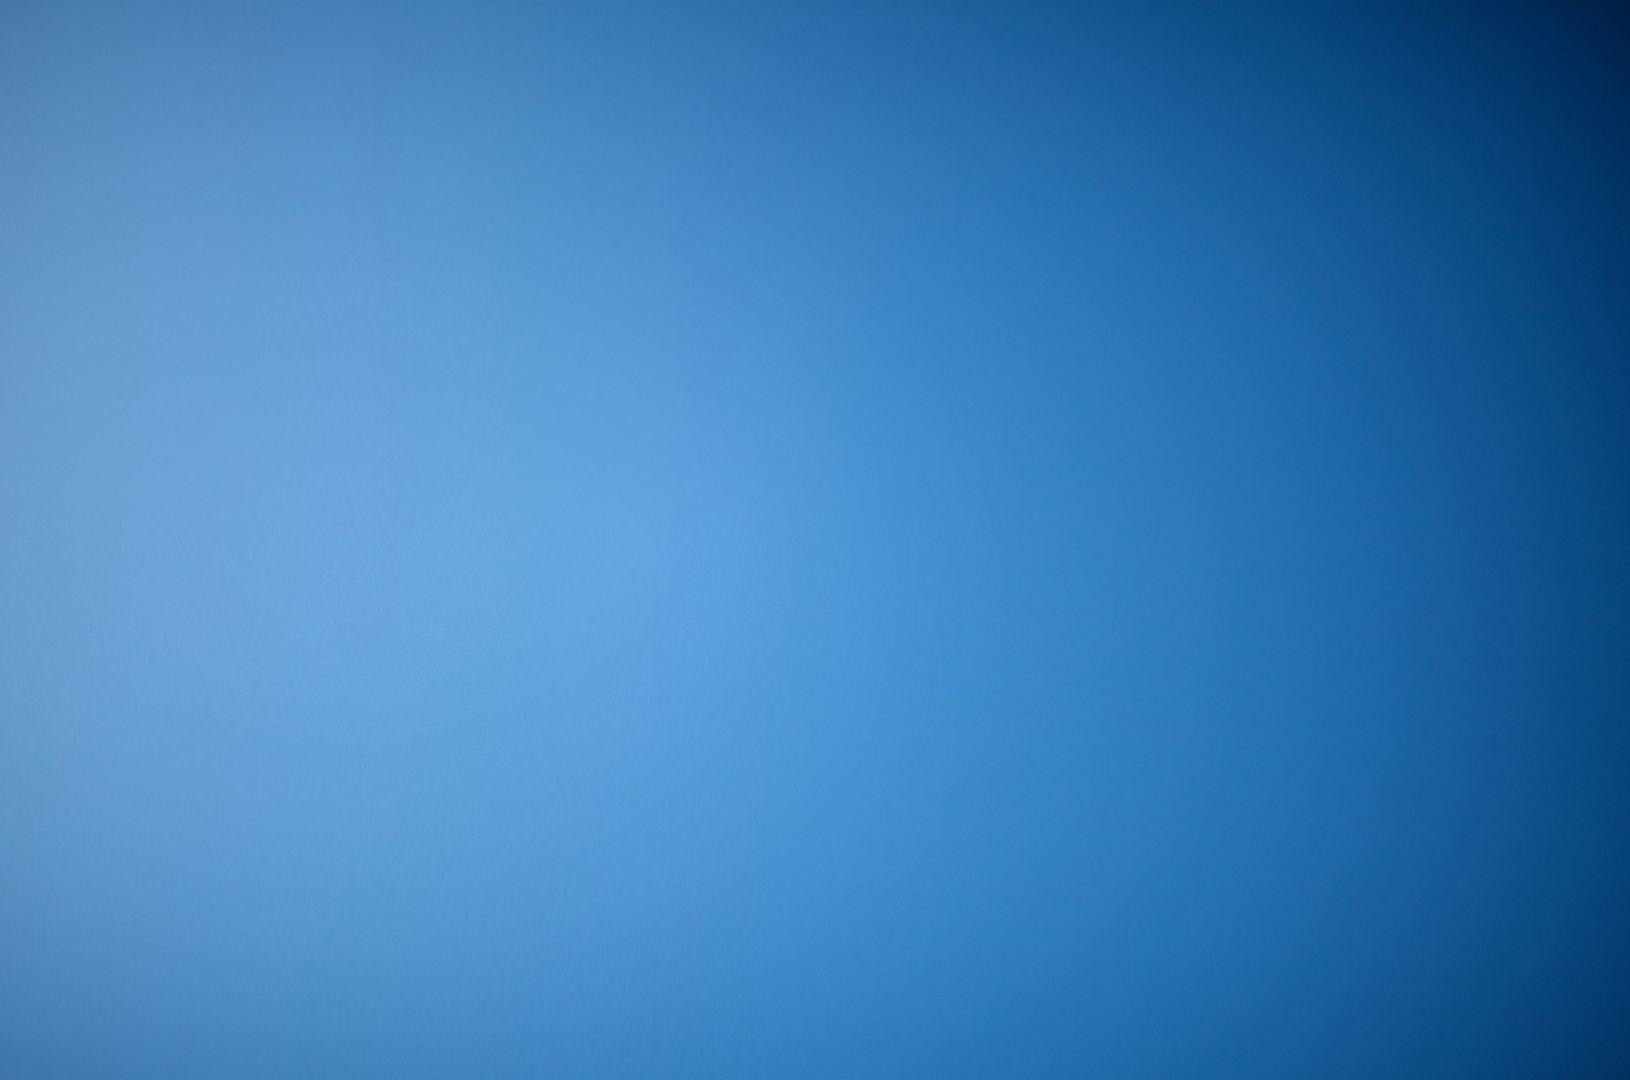 Blue-Gradient-Background.jpg